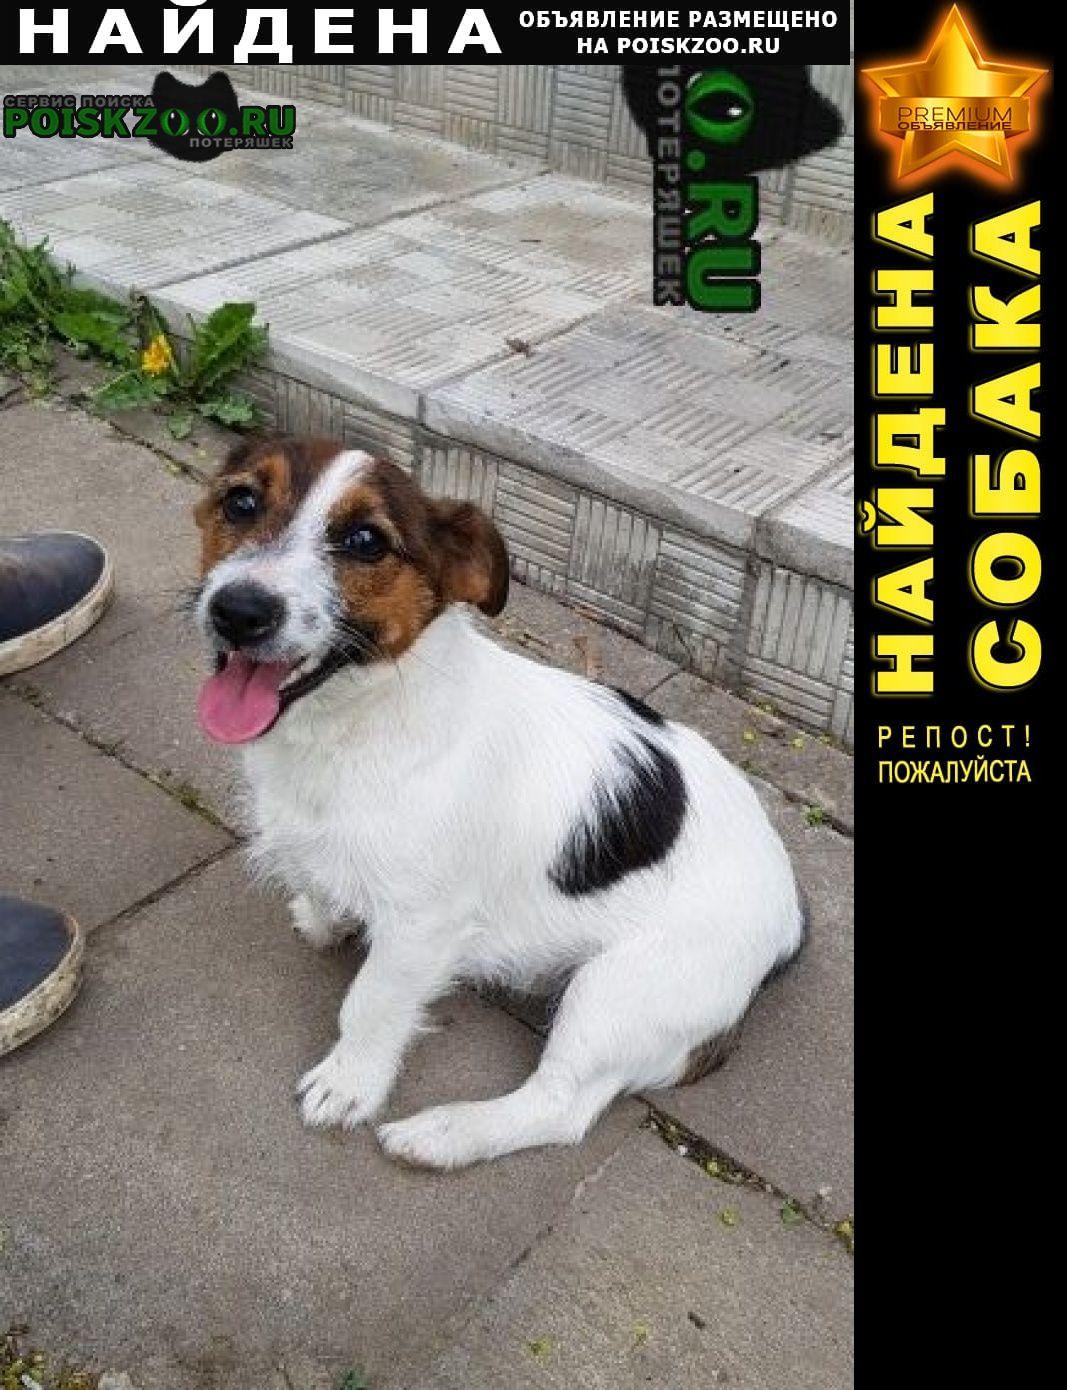 Найдена собака Сходня